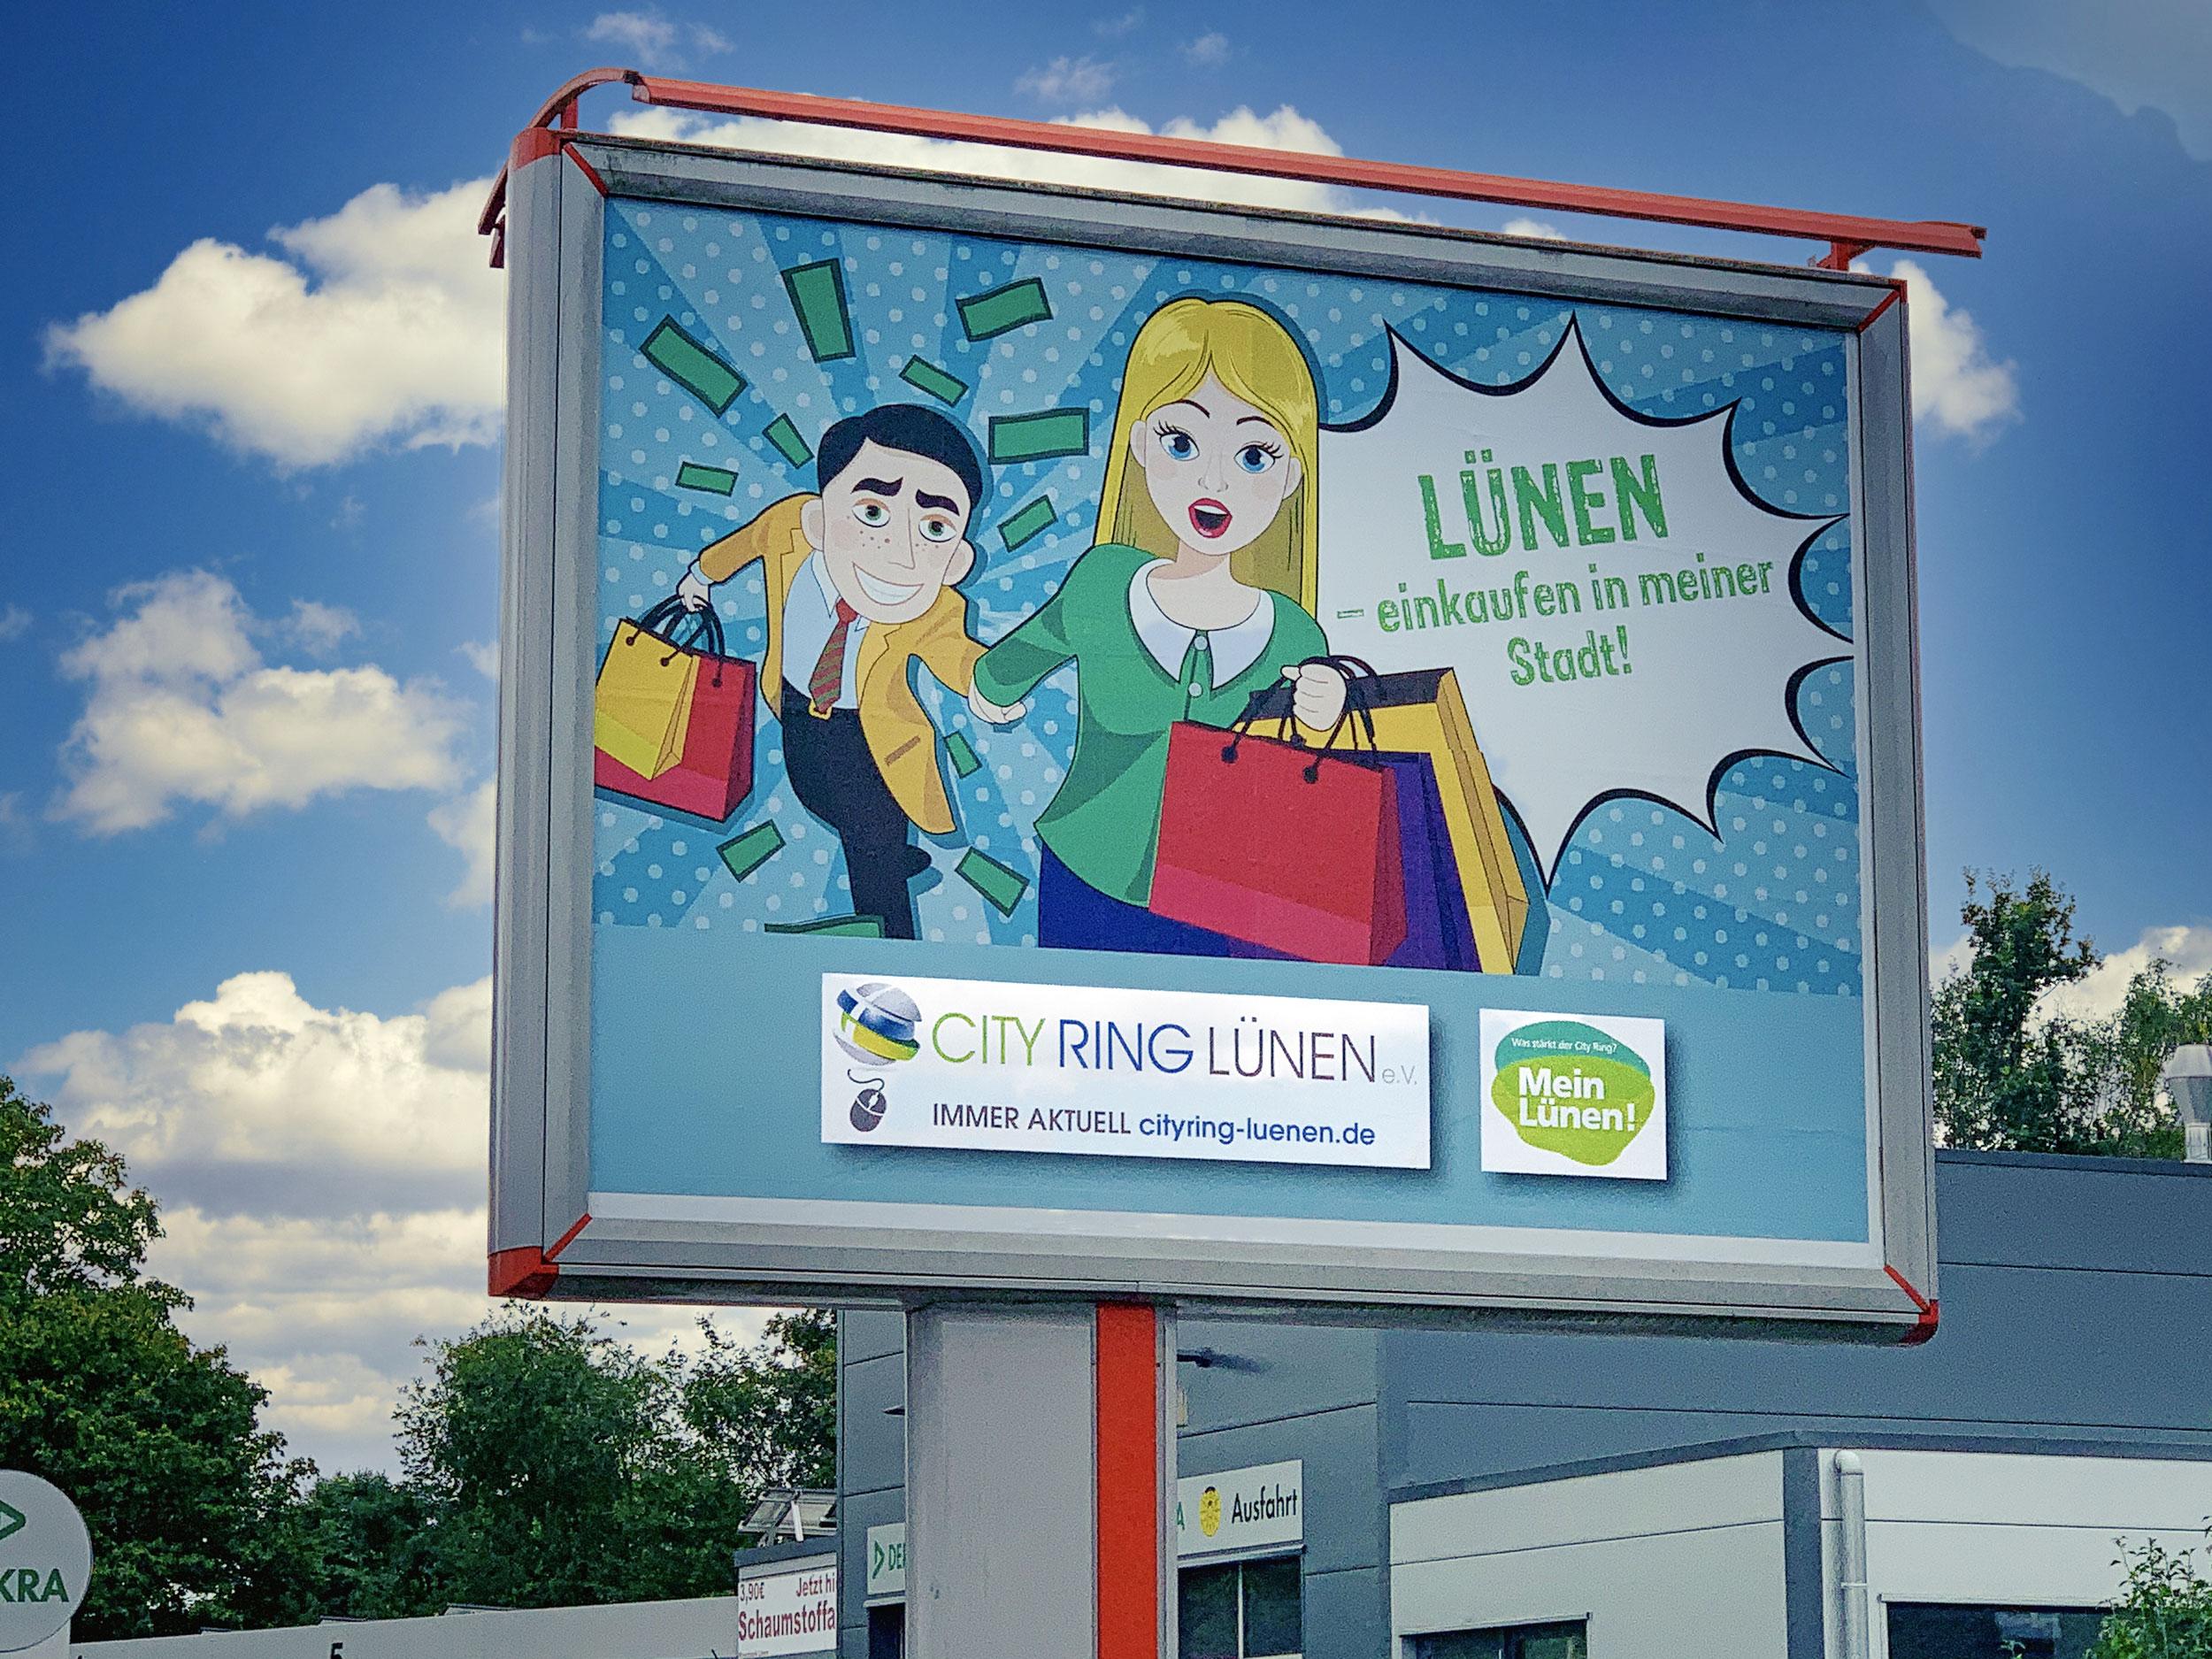 LÜNEN – einkaufen in meiner Stadt!